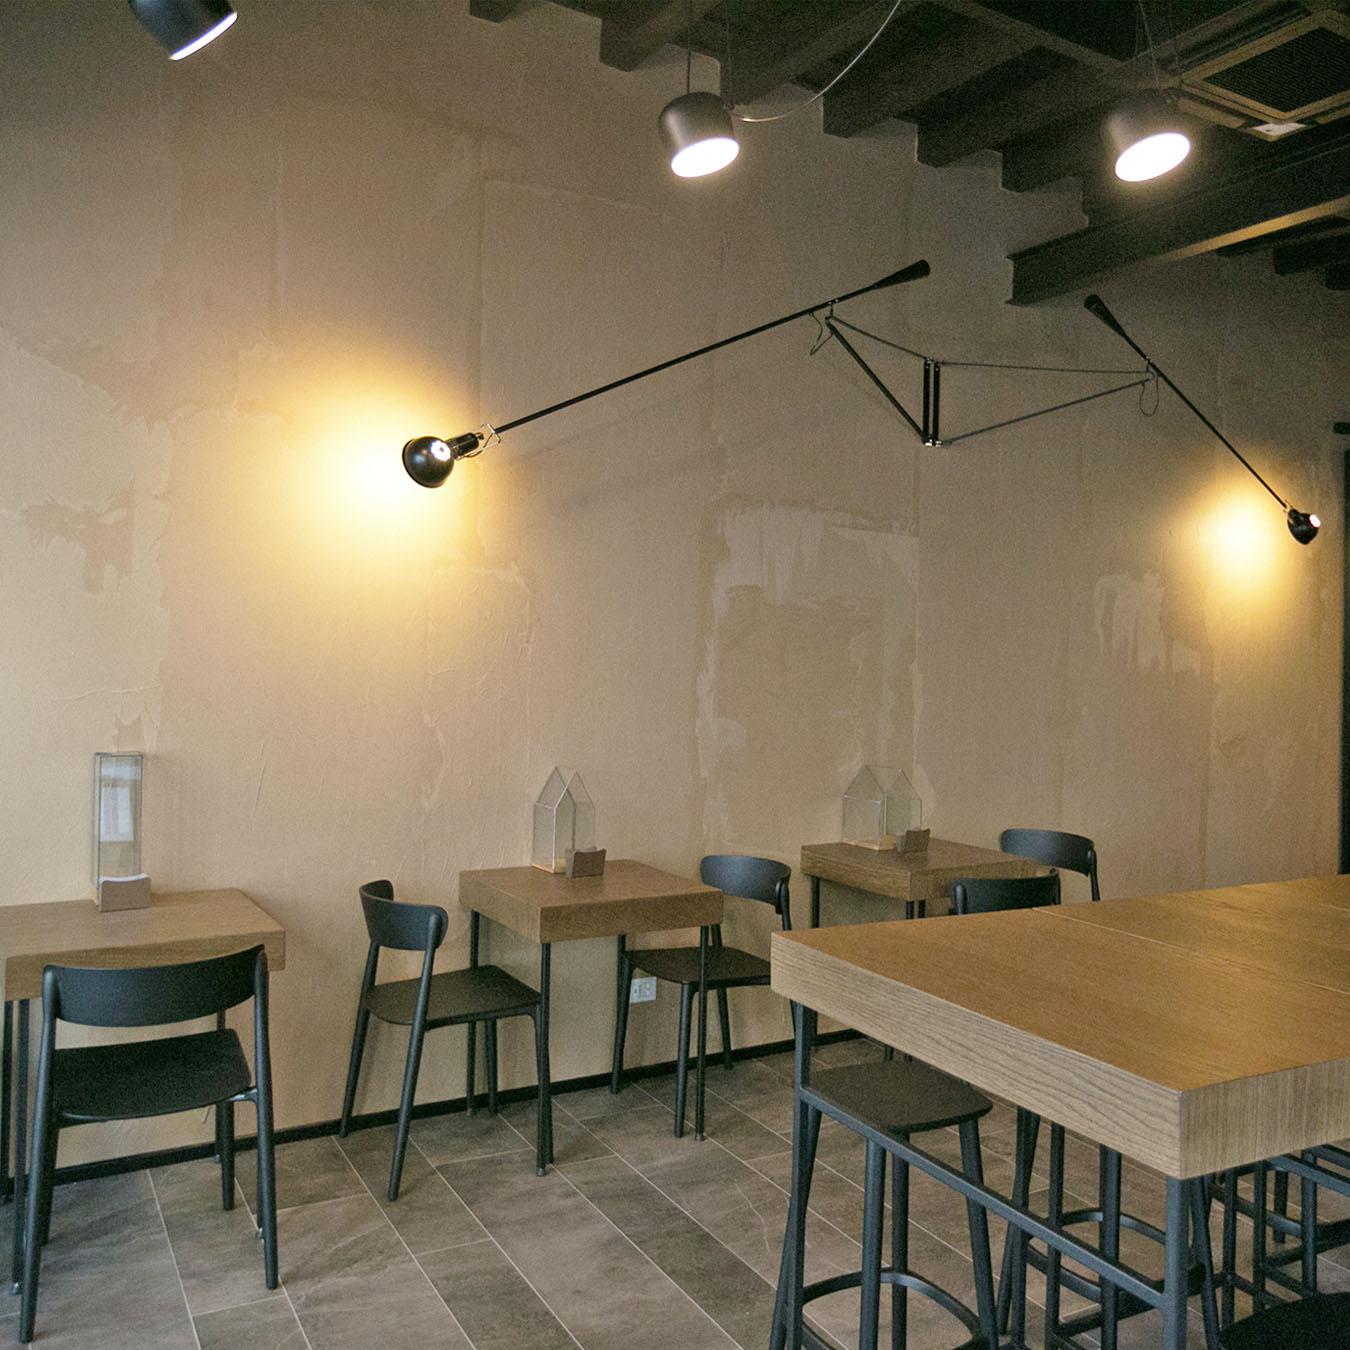 Interni-bar-caffetteria-design-legno-sedie-tavoli-bancone-lampade